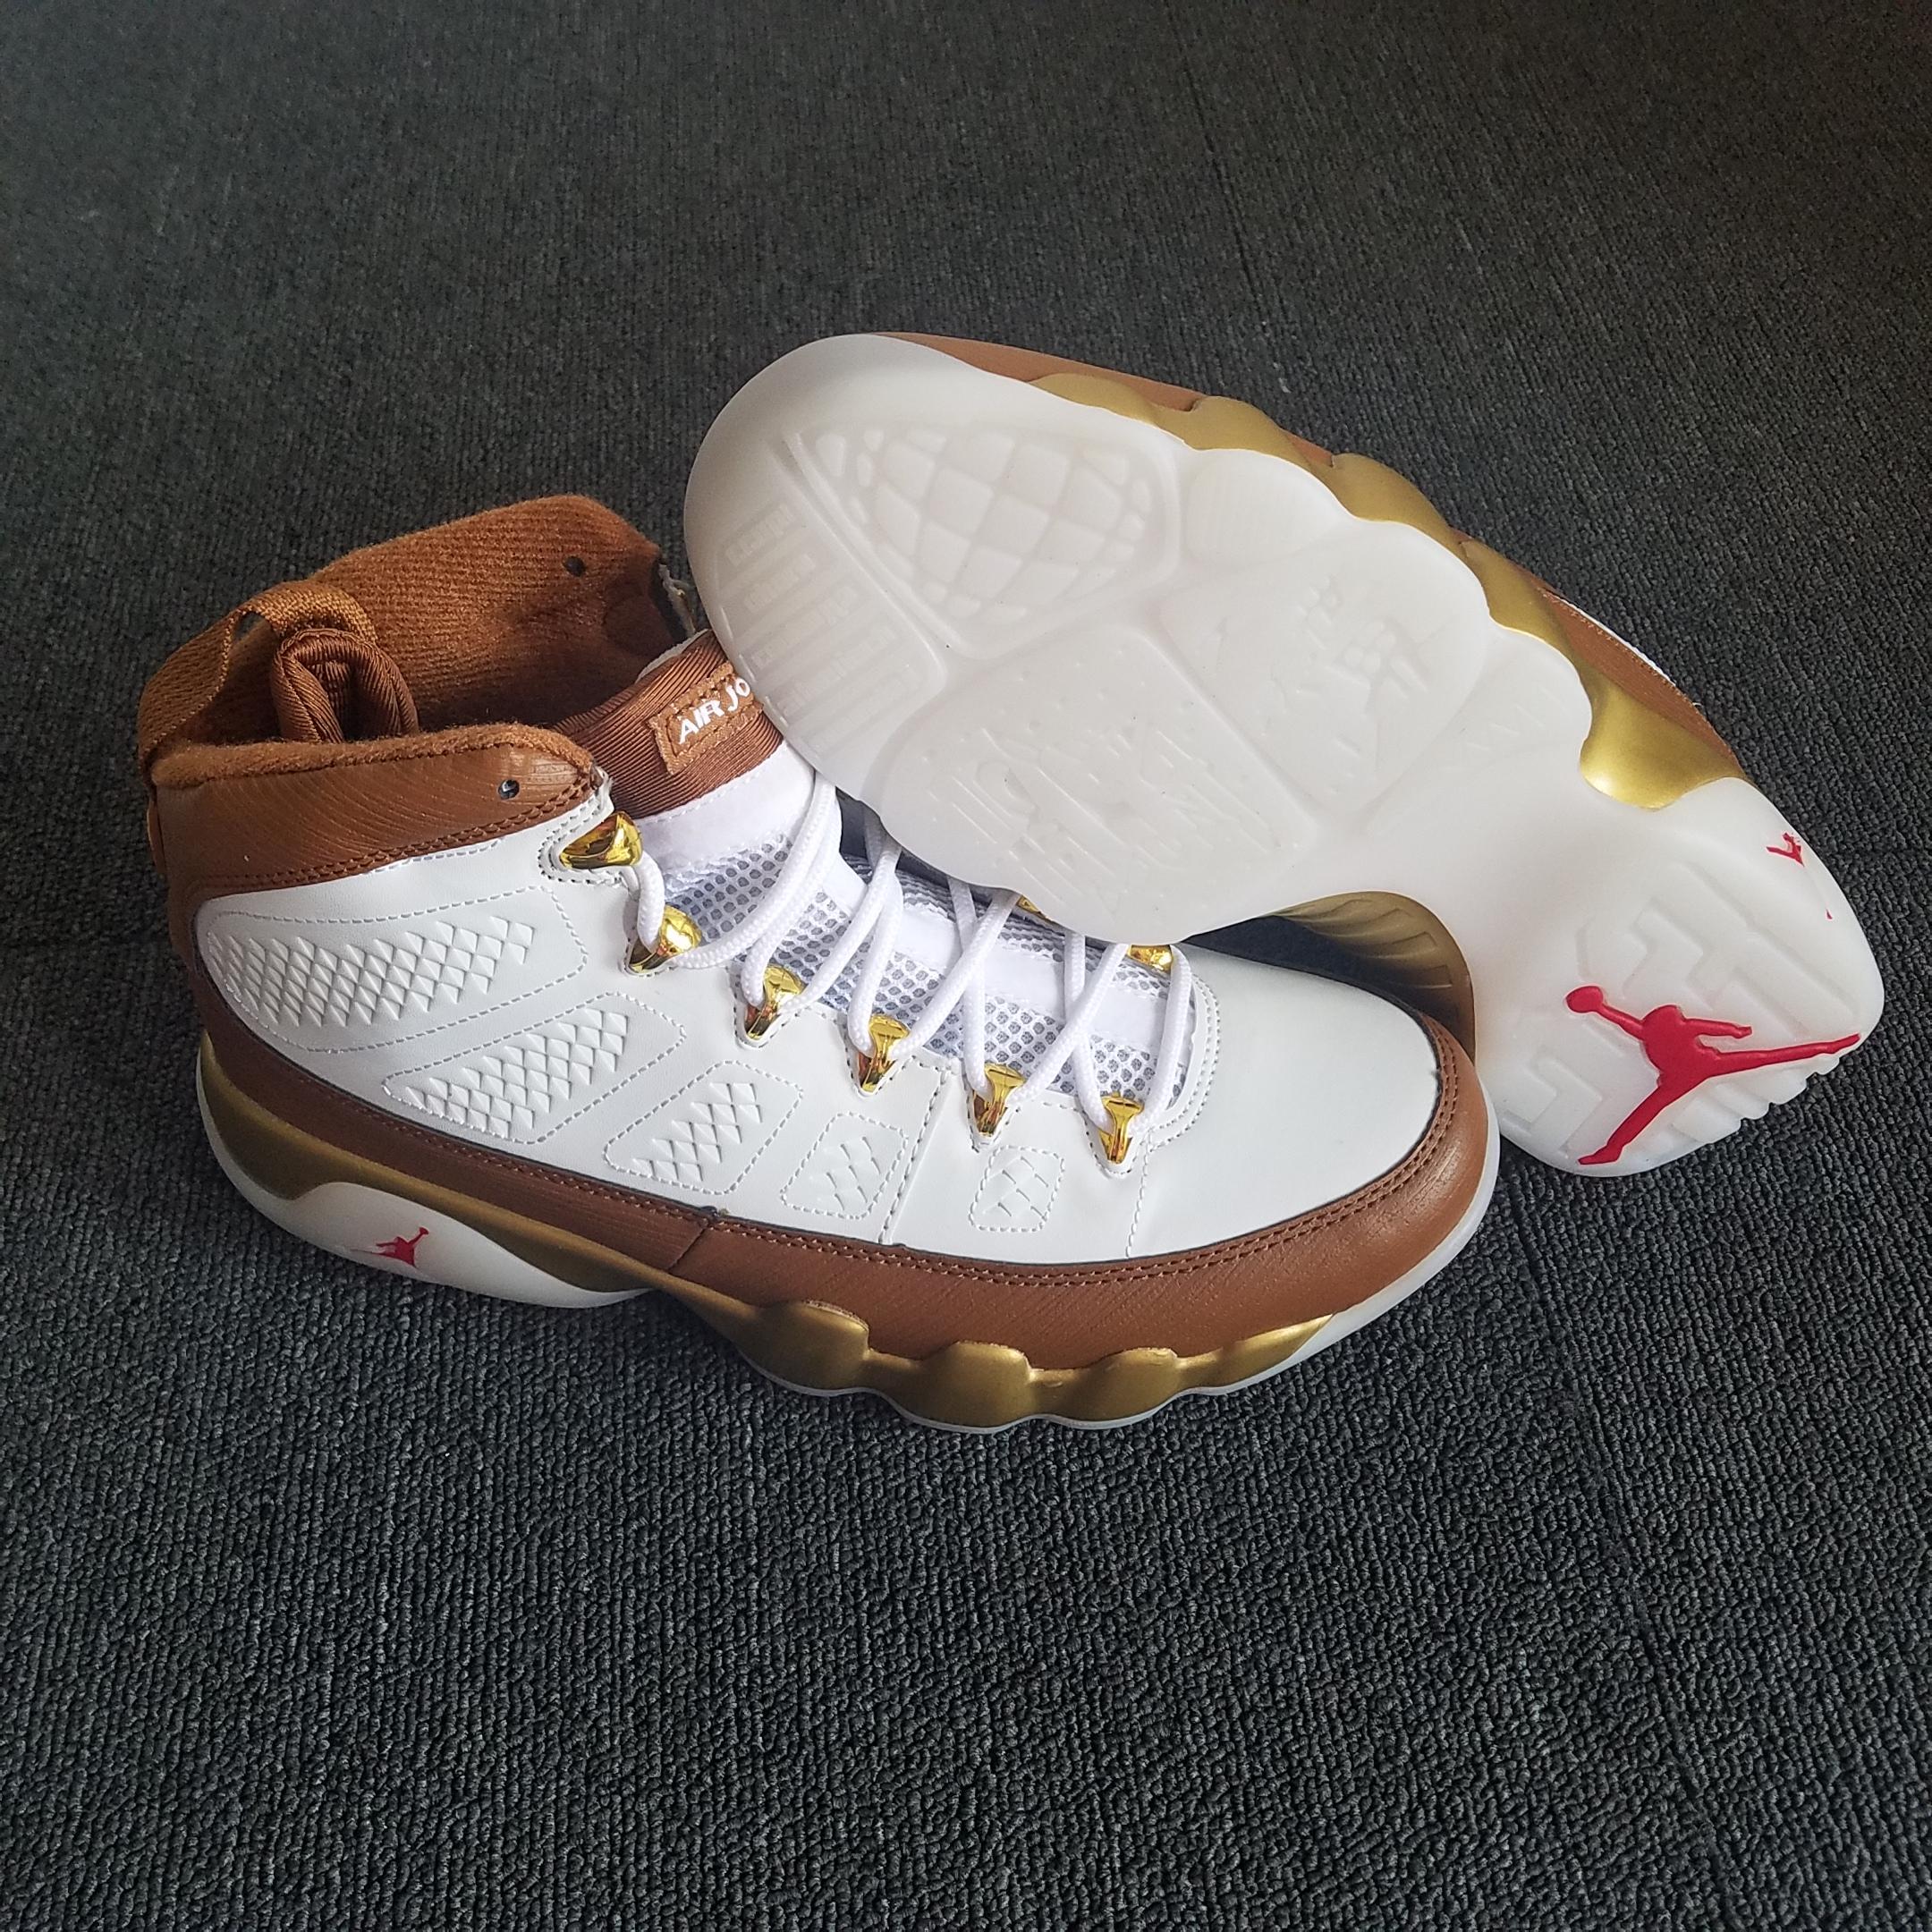 pretty nice 5339e 5b5c7 2018 Men Air Jordan 9 White Brown Gold Shoes